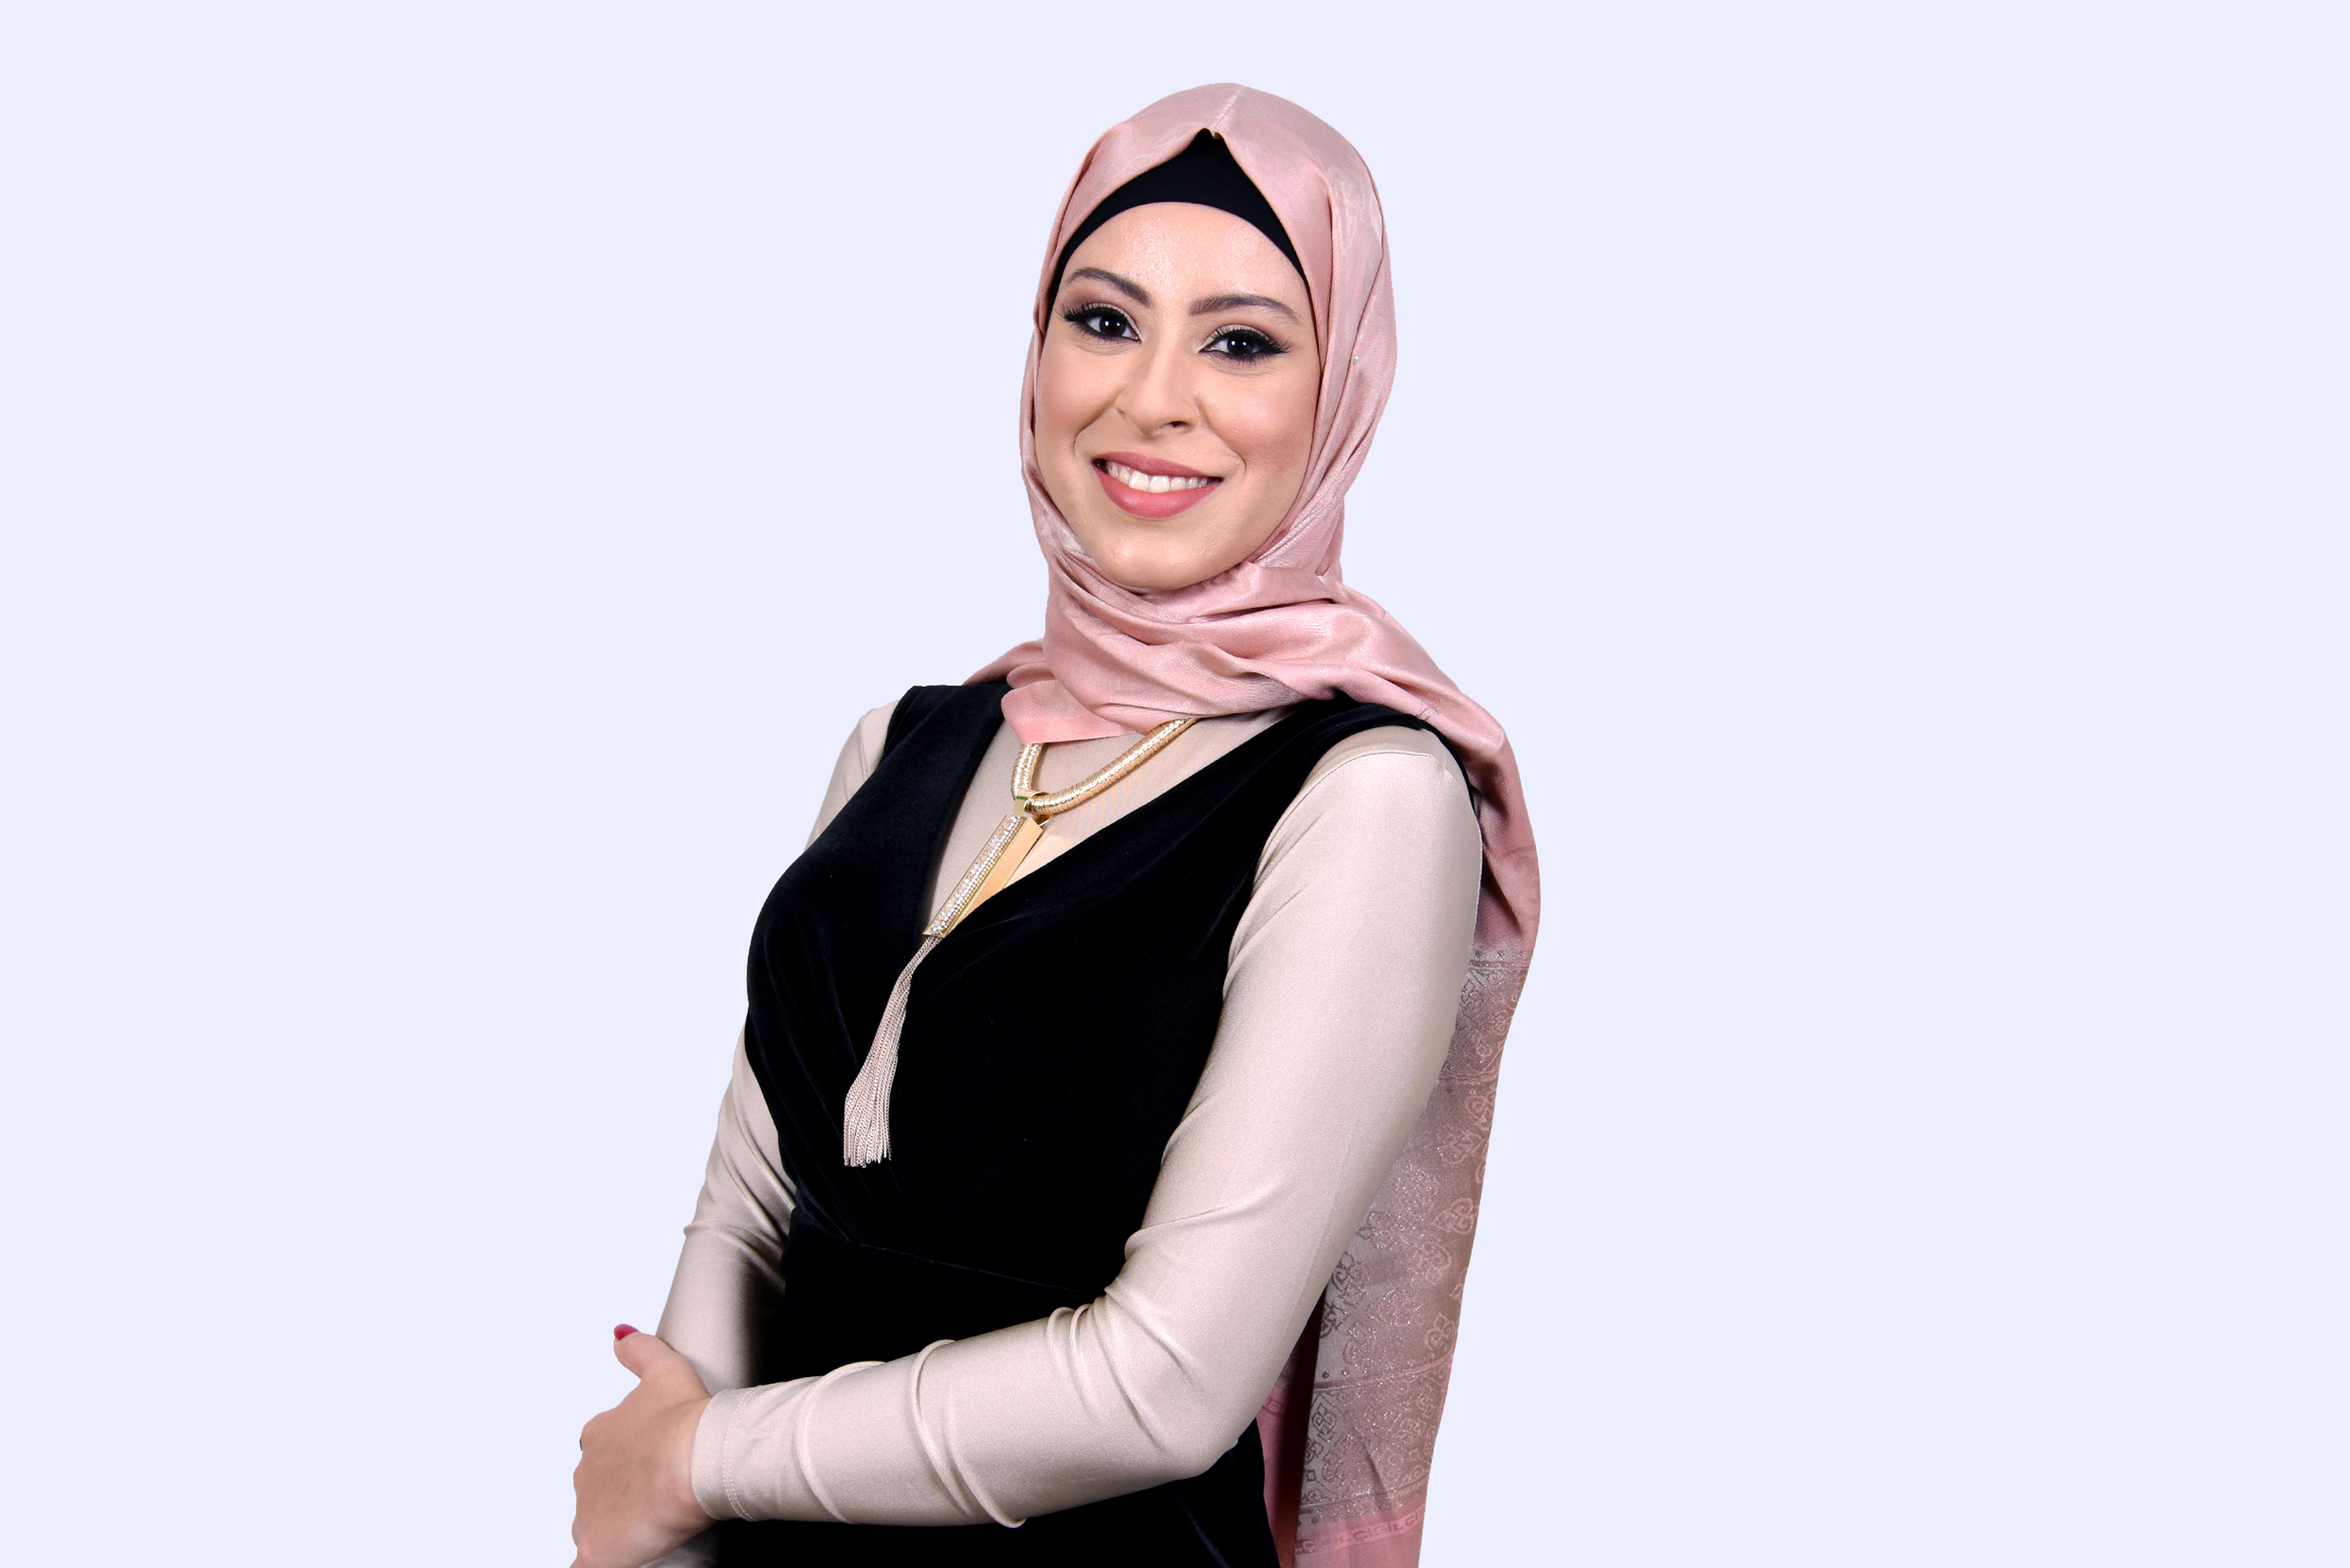 شيماء حاج يحيى، خريجة كاكتوس وصاحبة شركة مرساة للتطريز والفن الفلسطيني والمعاصر